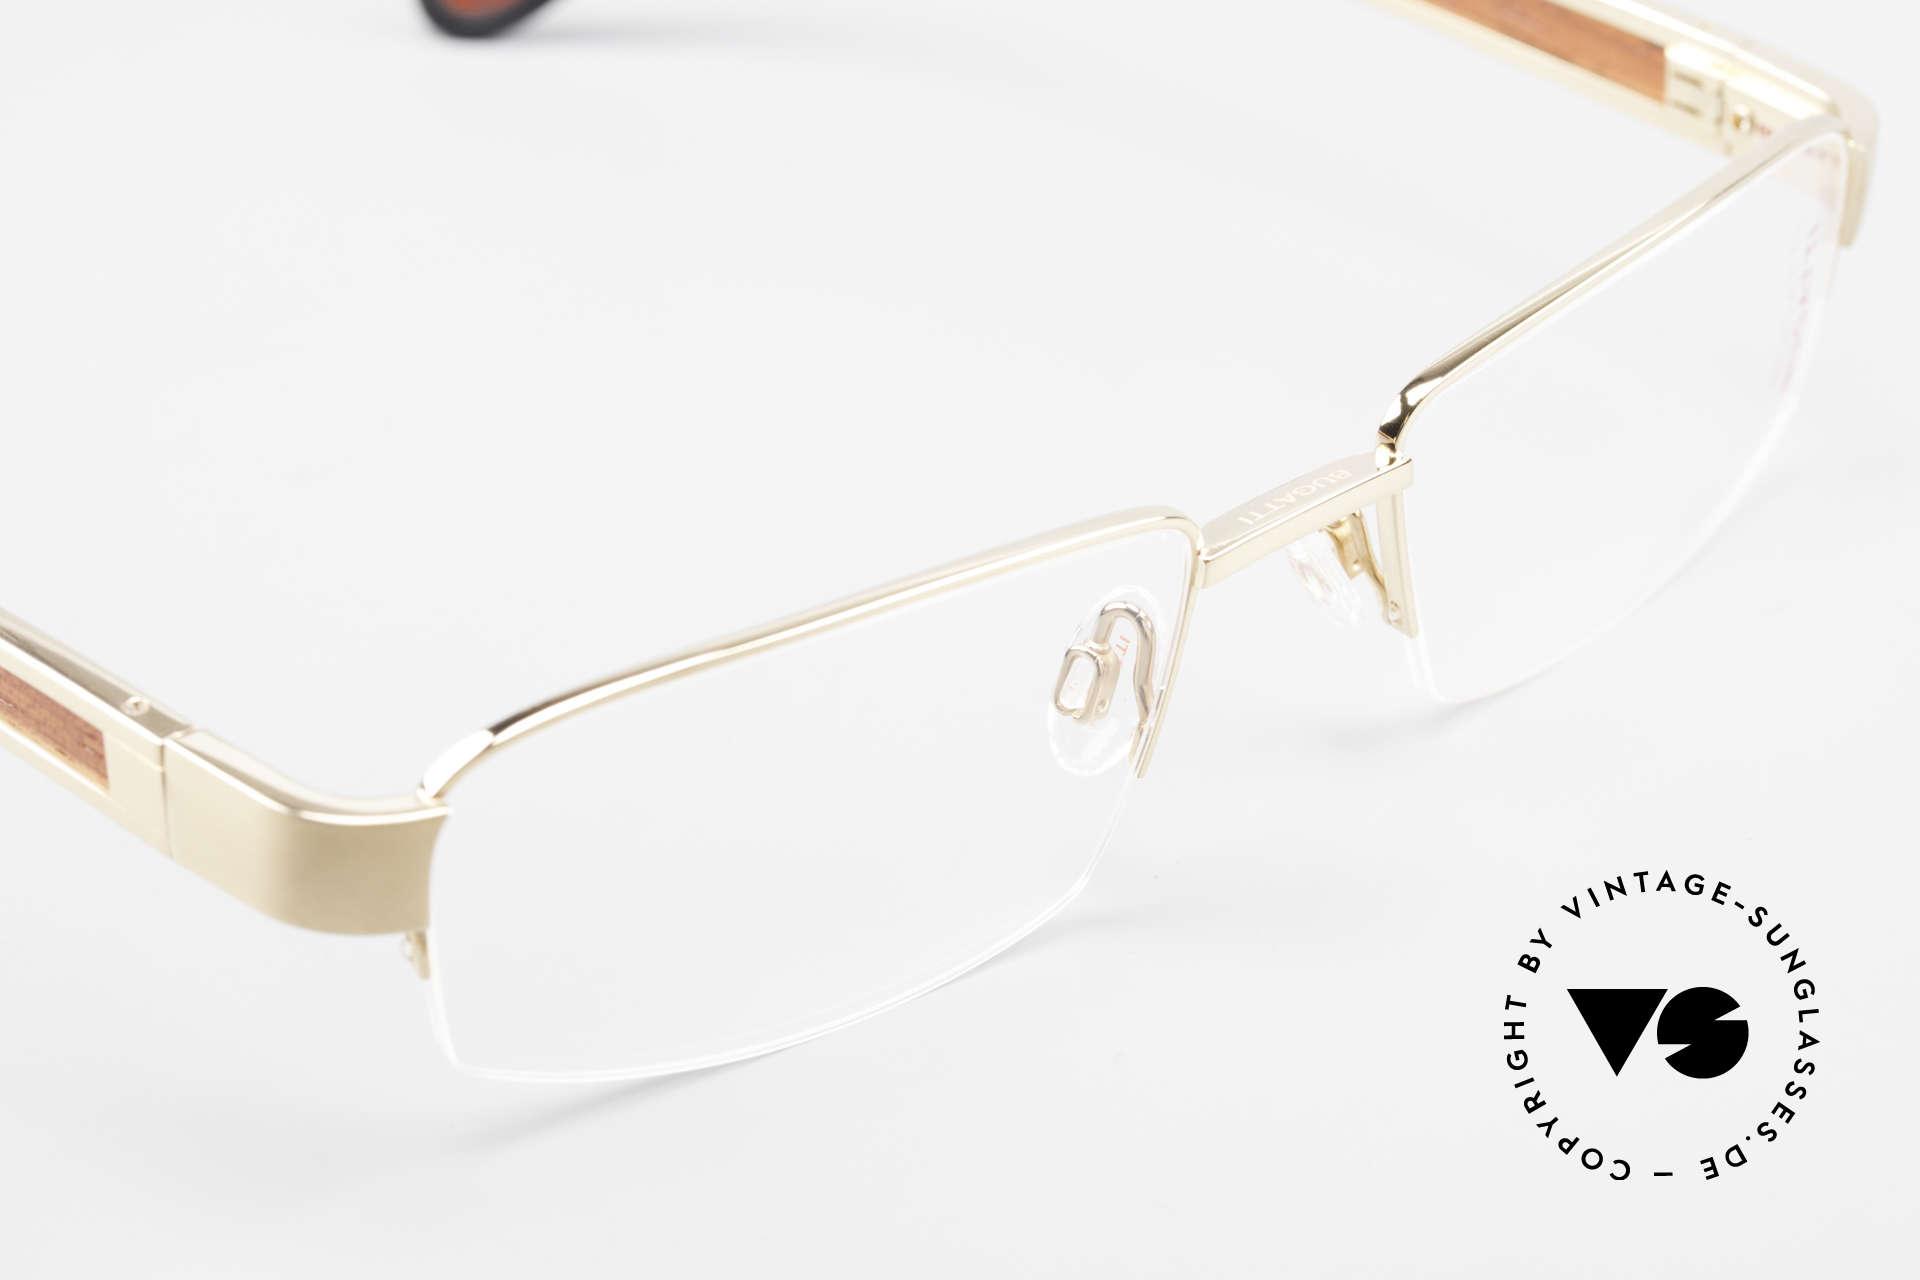 Bugatti 521 Padouk Edelholz Gold Brille, ungetragenes Luxus-Modell; eine Rarität für Kenner, Passend für Herren